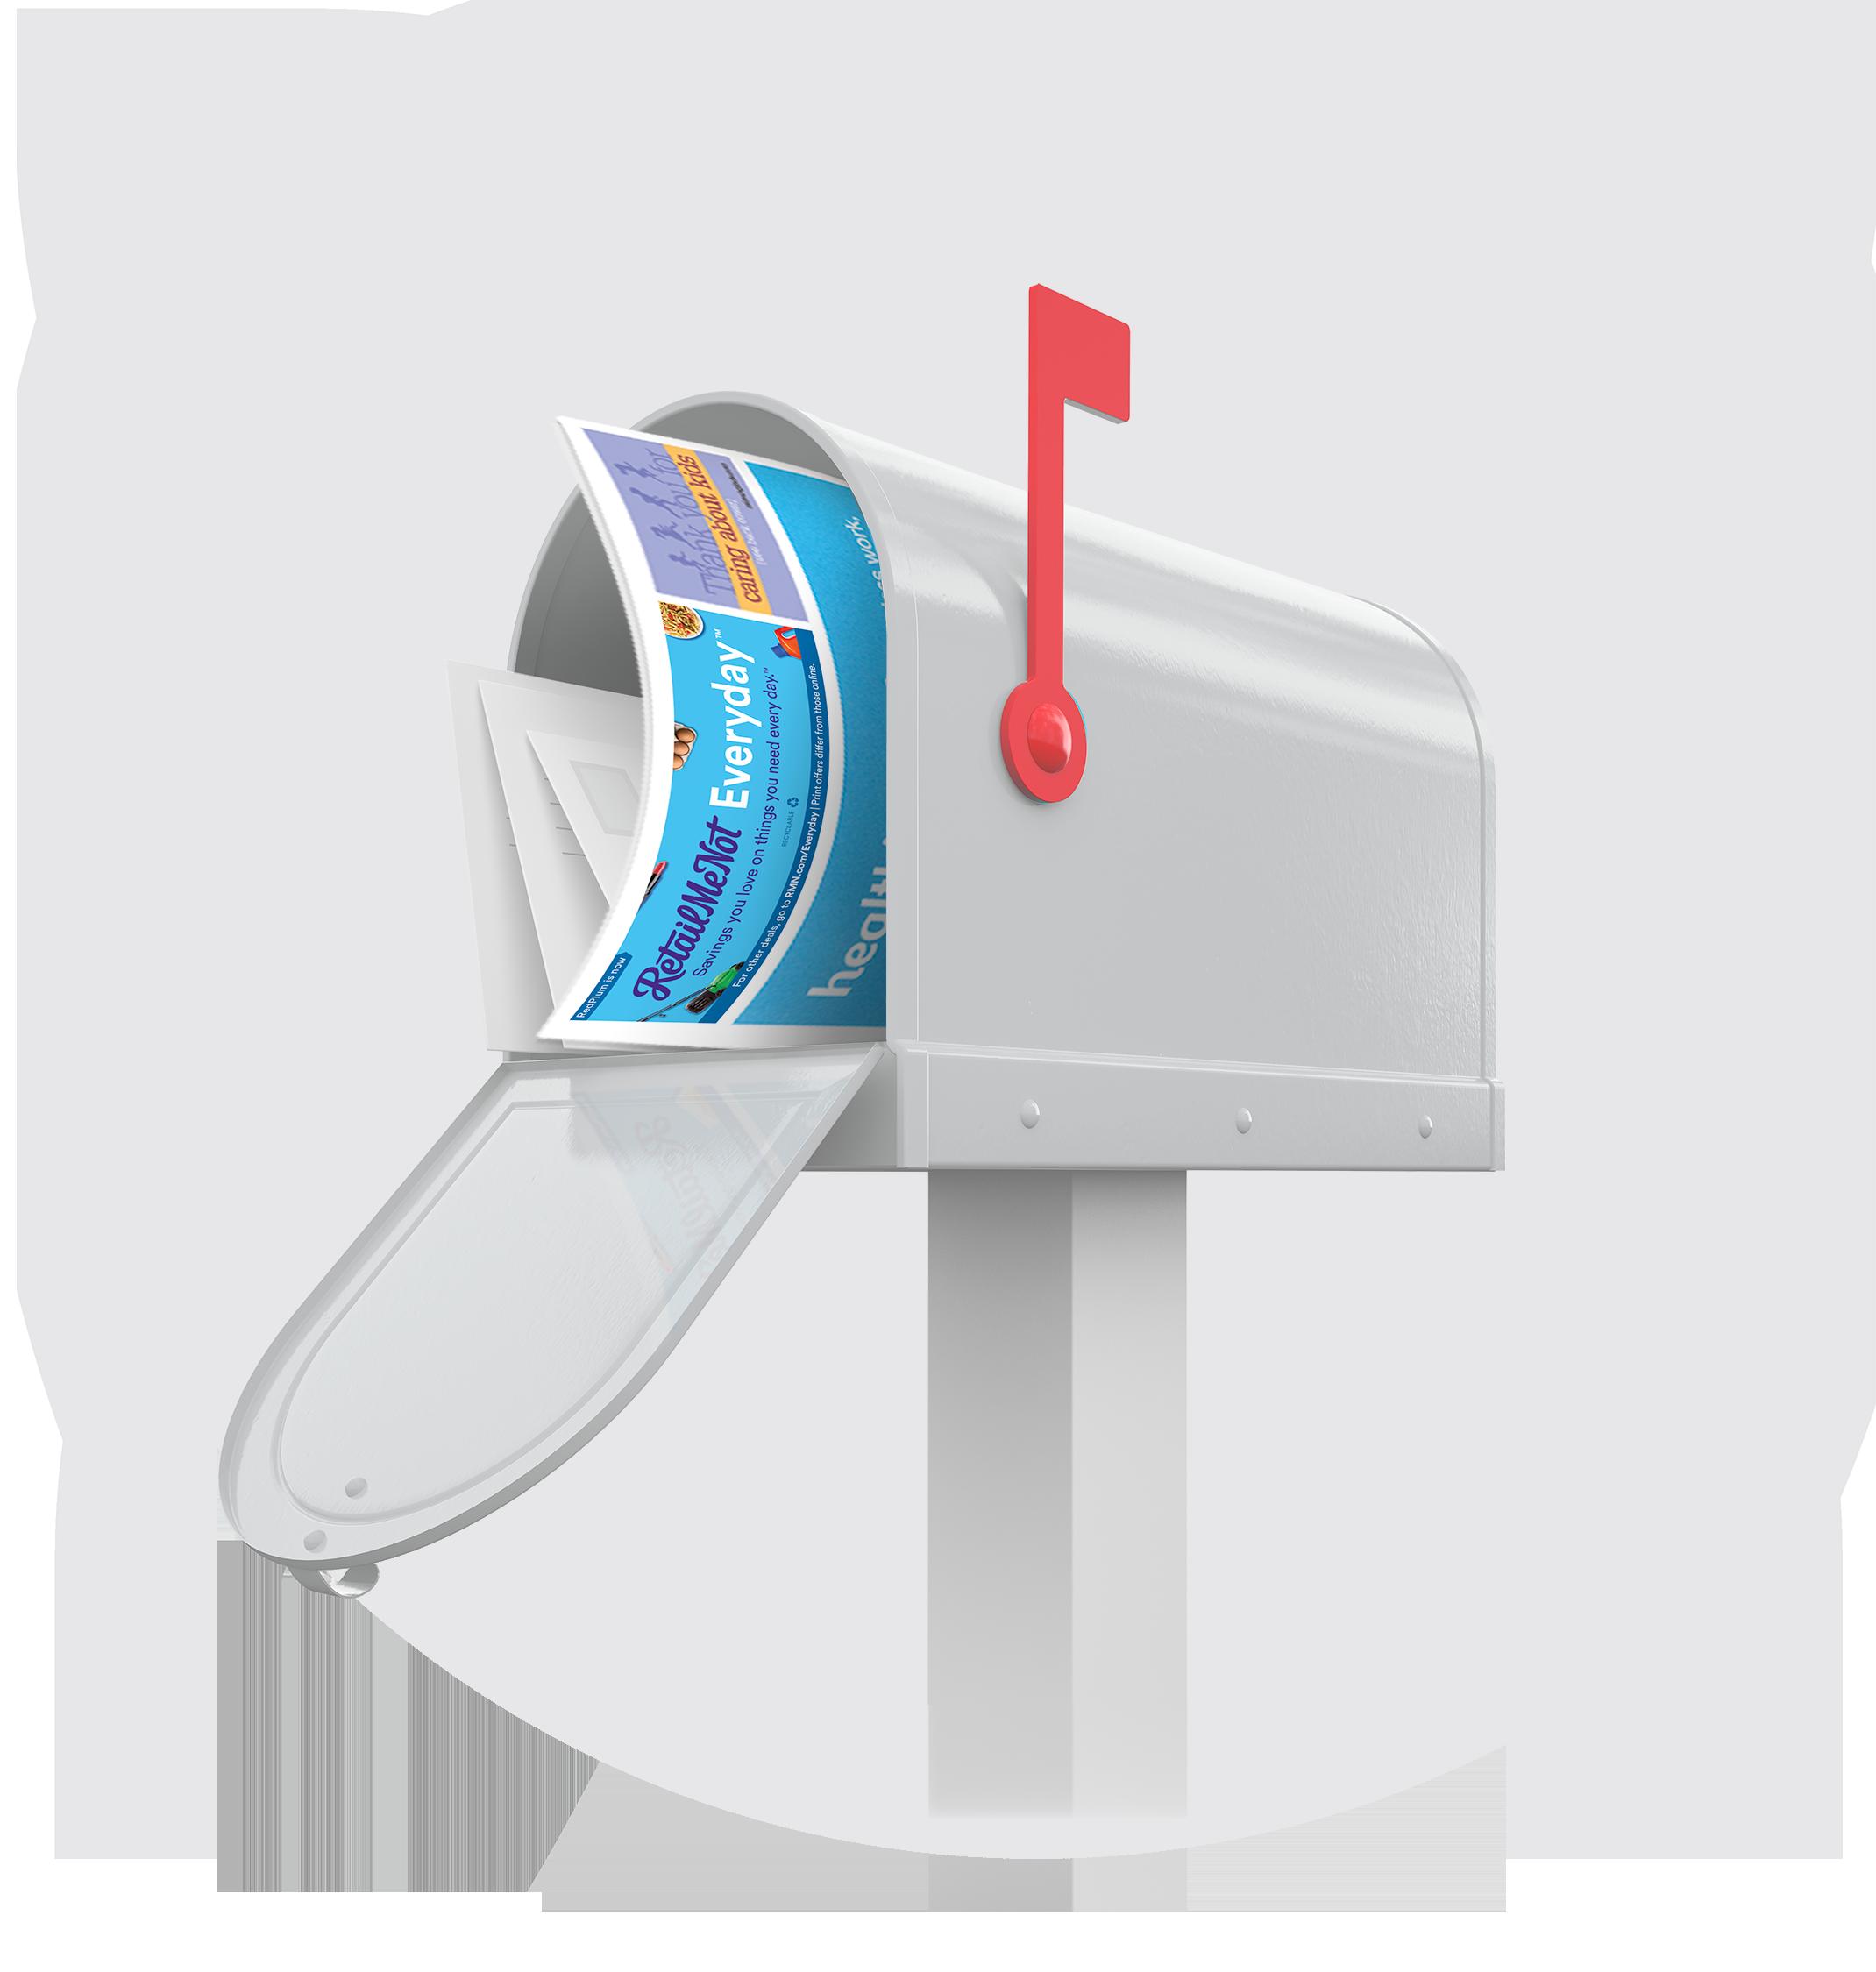 Pin by Next on ไปรษณีย์กล่อง,ตู้จดหมาย,ซองจดหมาย in 2020